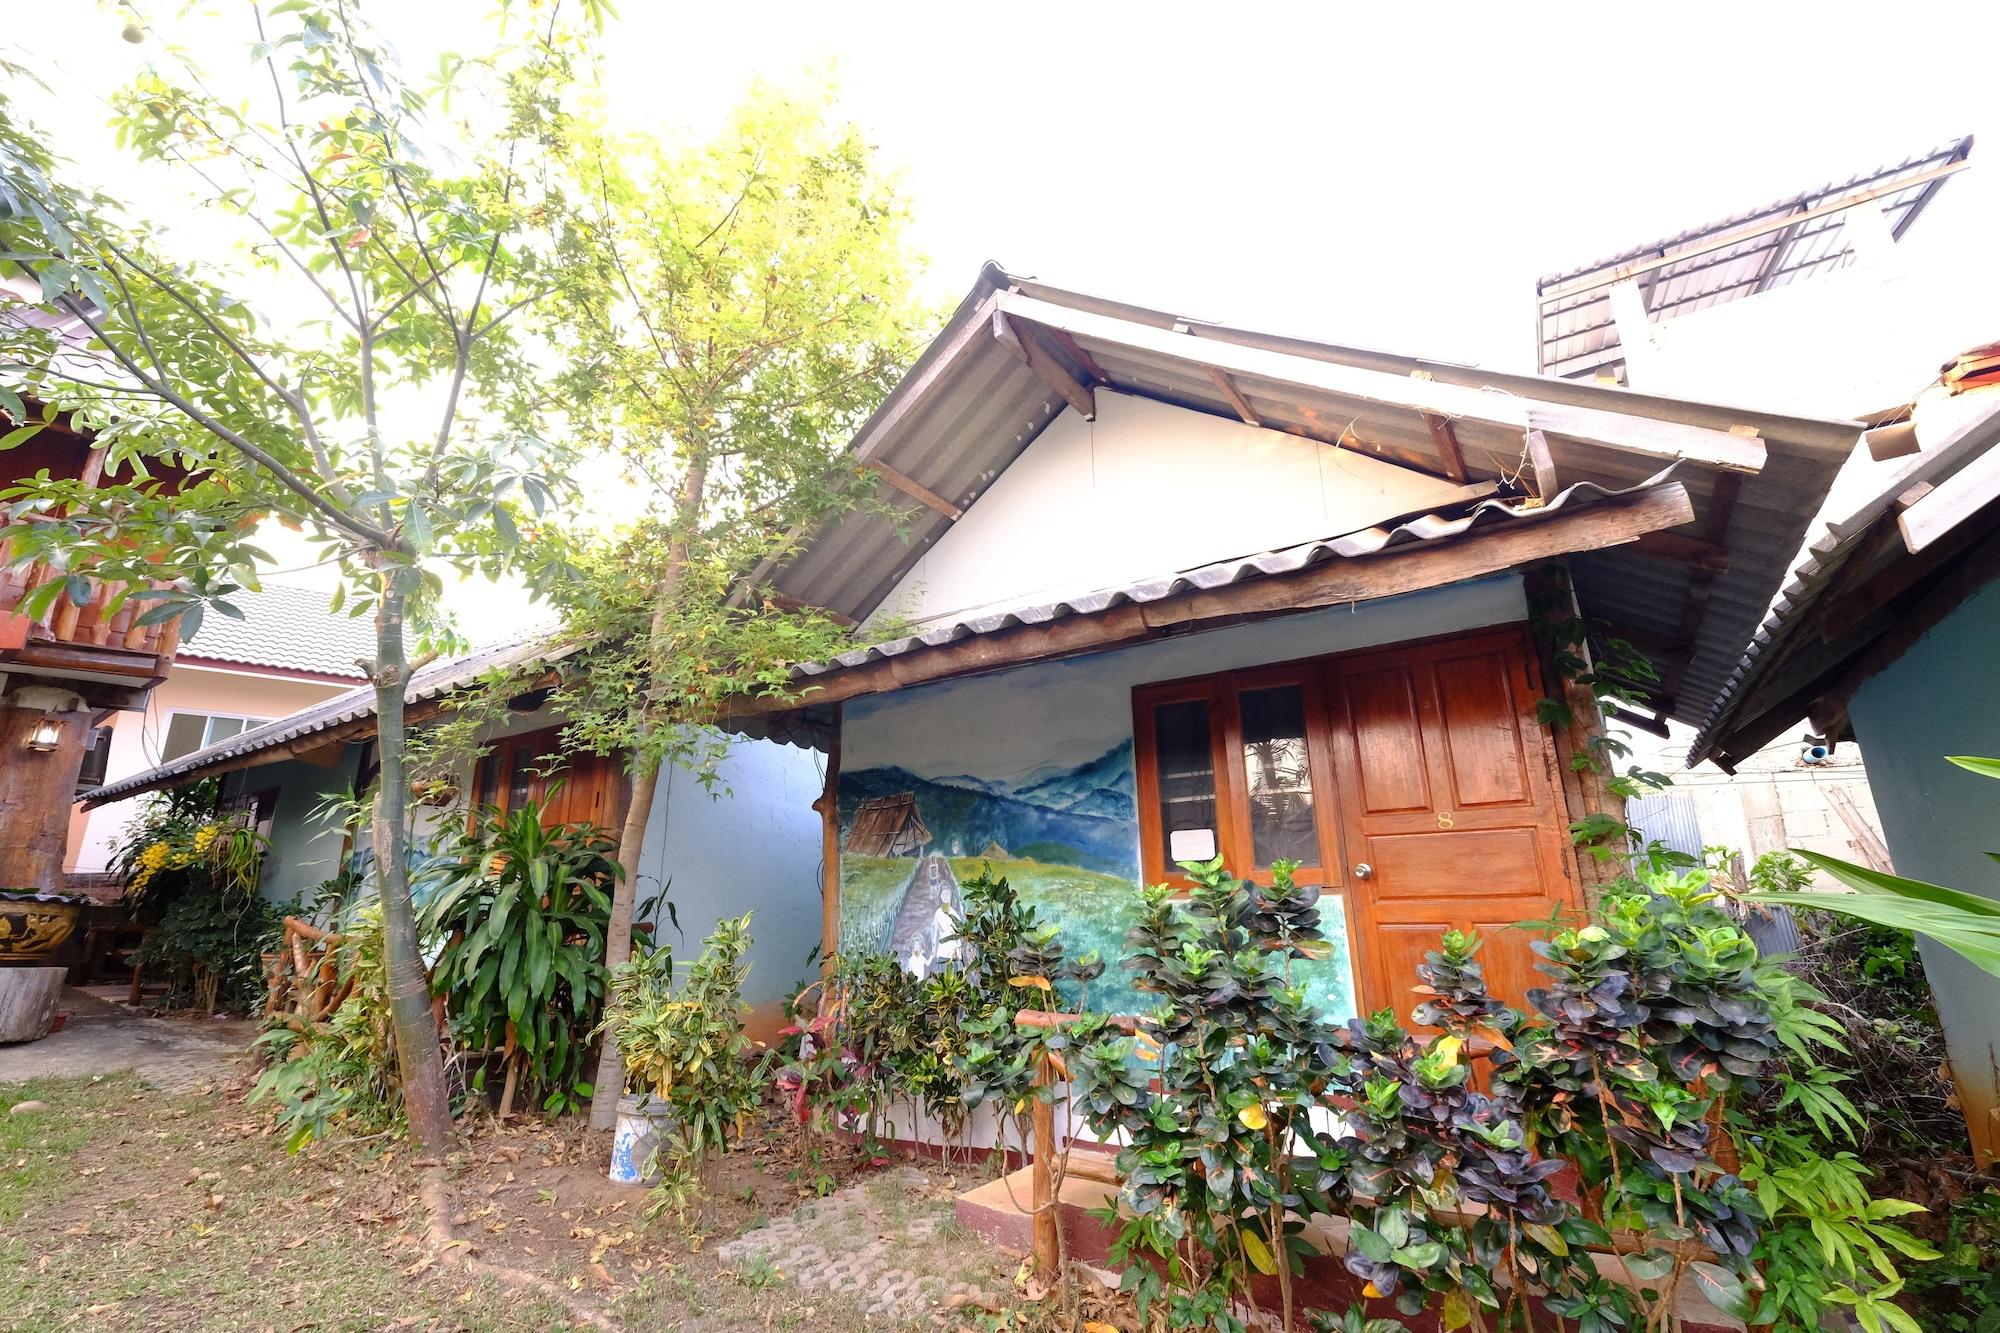 Banputawan Guesthouse, Khun Yuam